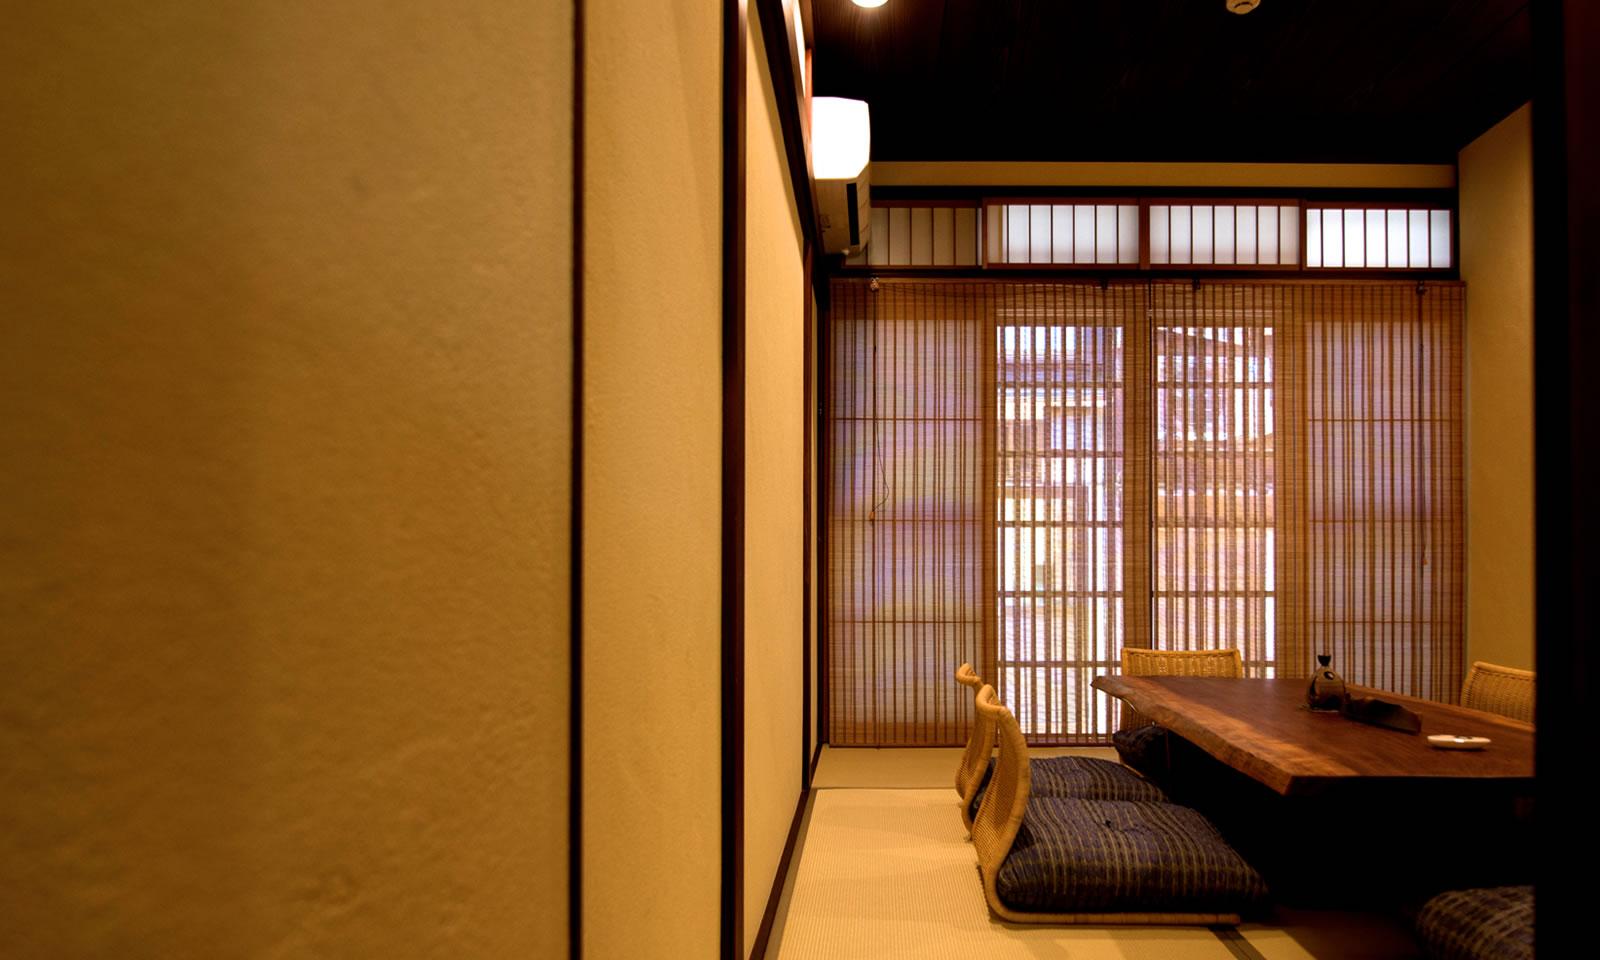 kazueya image 1